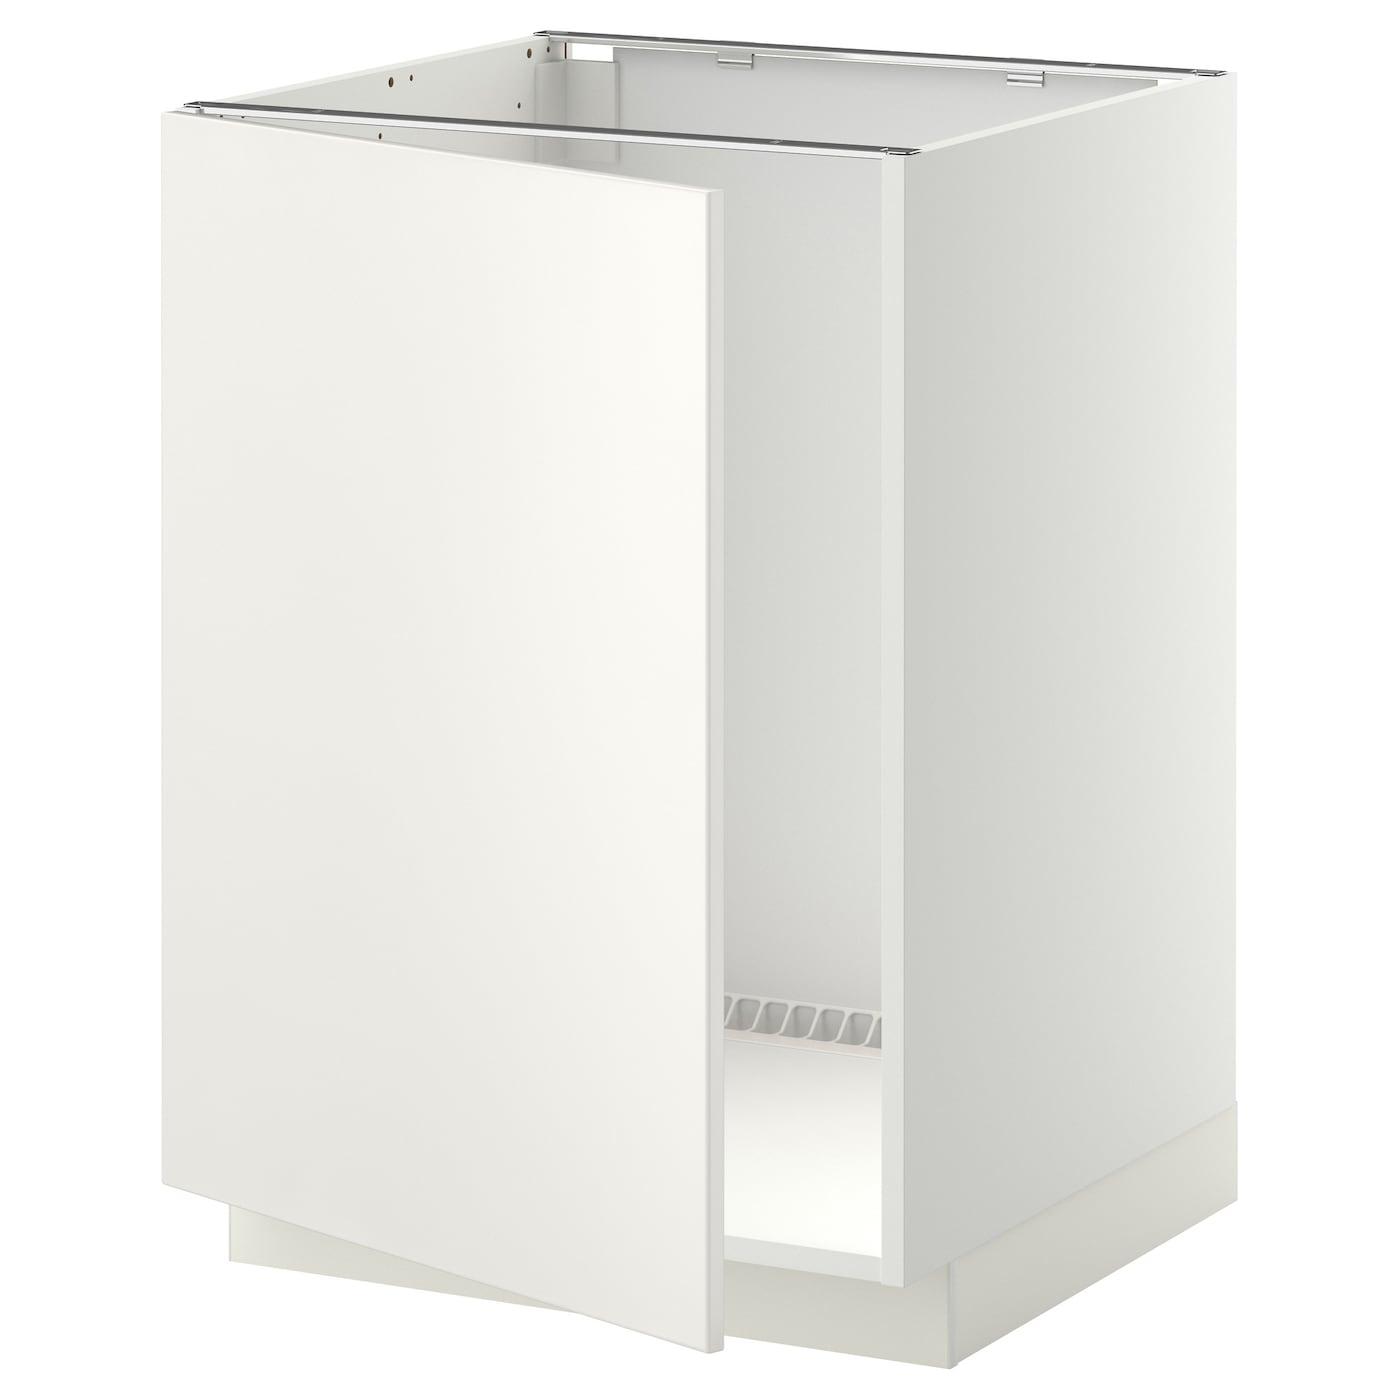 metod base cabinet for sink white veddinge white 60x60 cm ikea. Black Bedroom Furniture Sets. Home Design Ideas